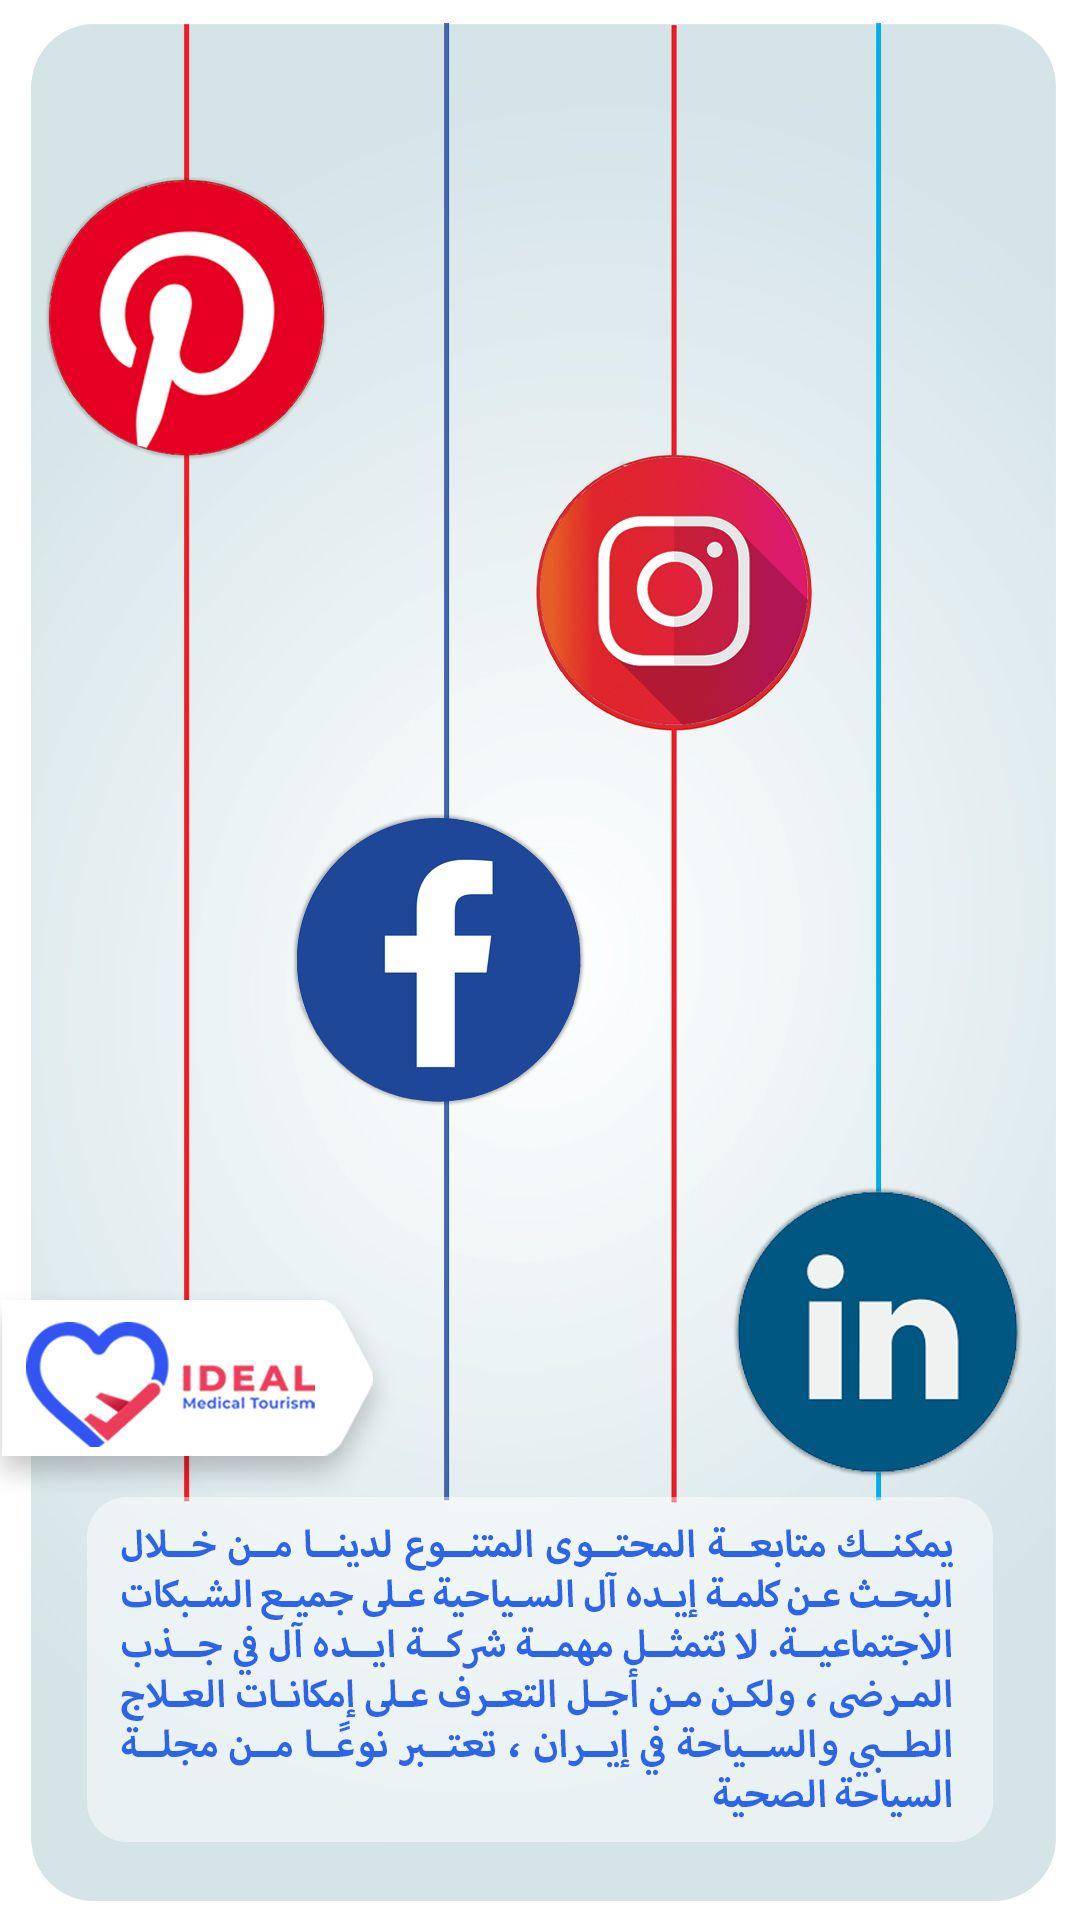 يمكنك متابعة المحتوى المتنوع لدينا من خلال البحث عن كلمة إيده آل السياحية على جميع الشبكات الاجتماعية لا تتمثل مهمة Medical Tourism Tourism Medical Treatment